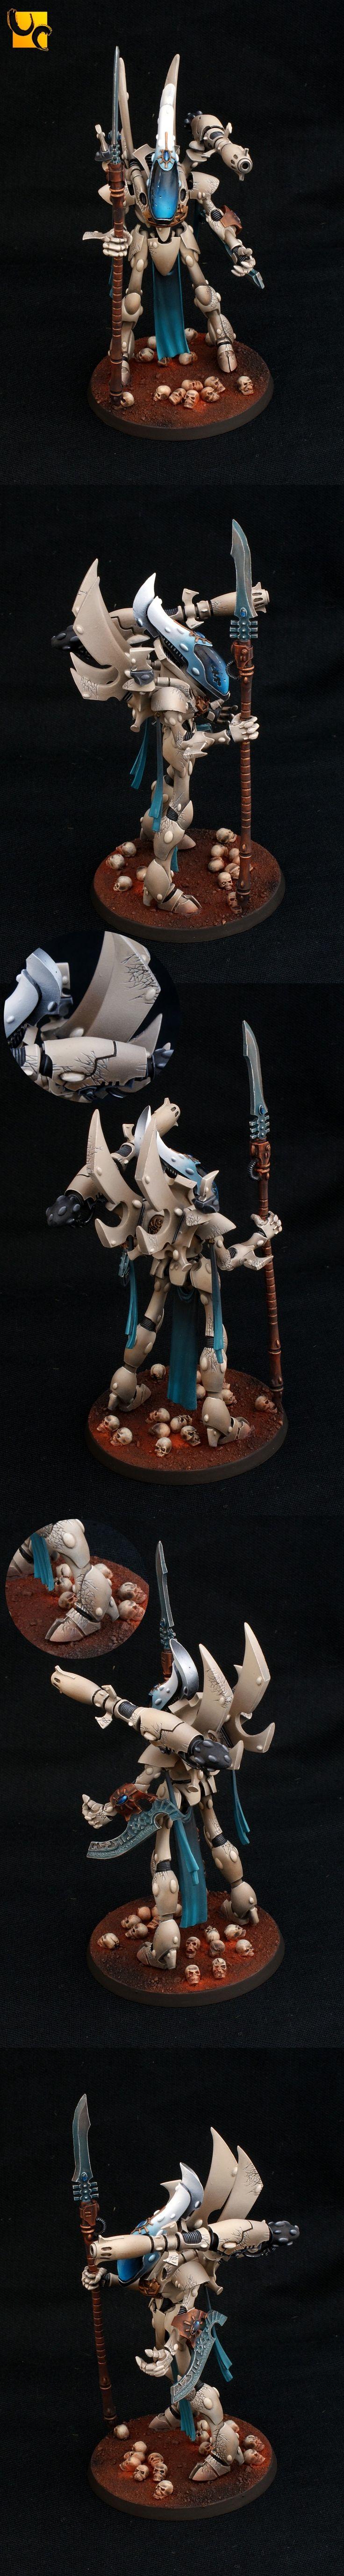 40k - Eldar Wraithseer